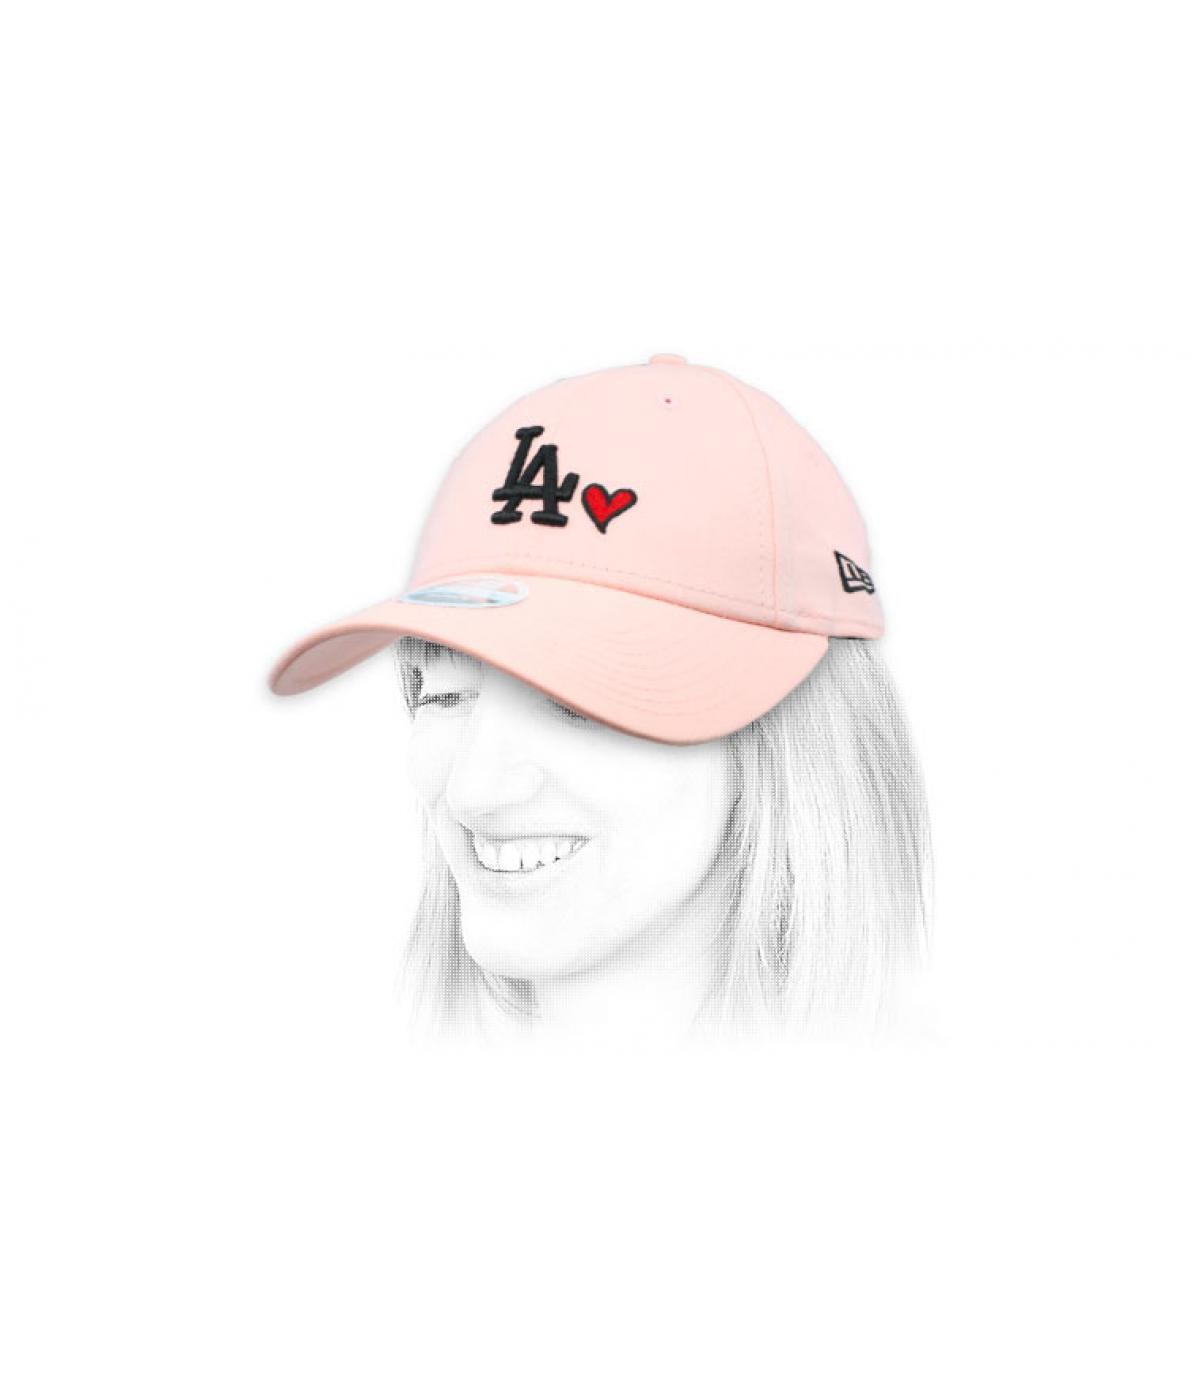 LA donna rosa cap